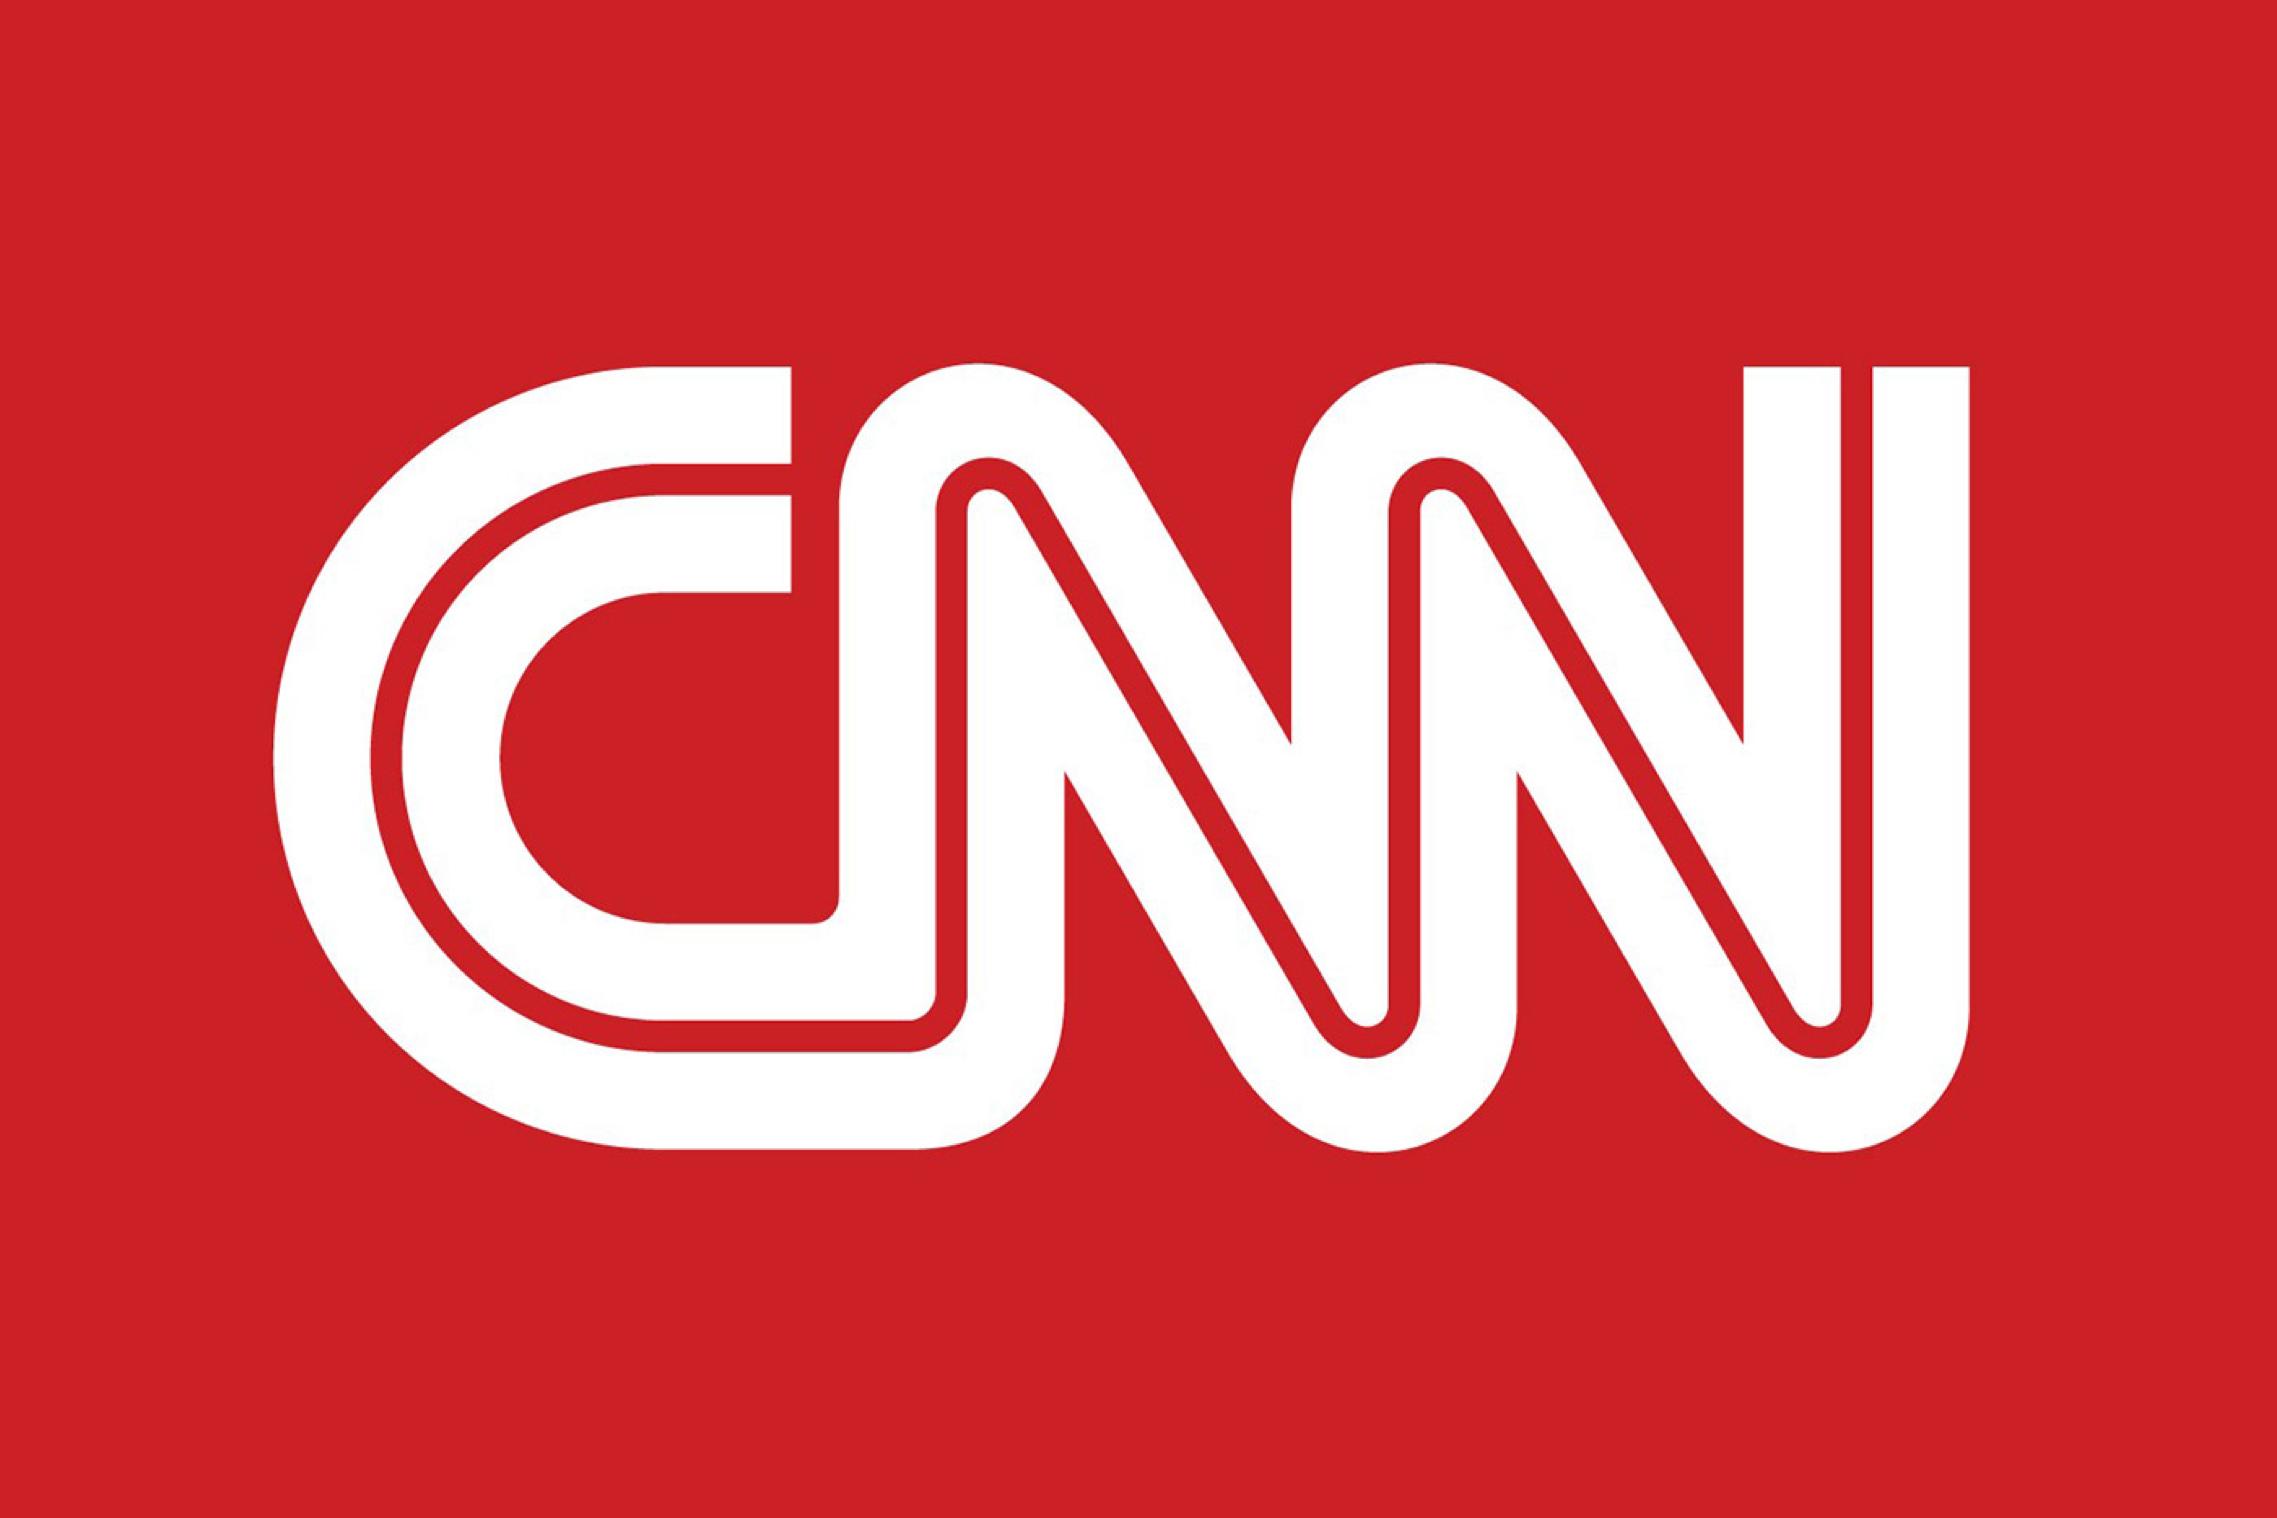 CNN Box Logo